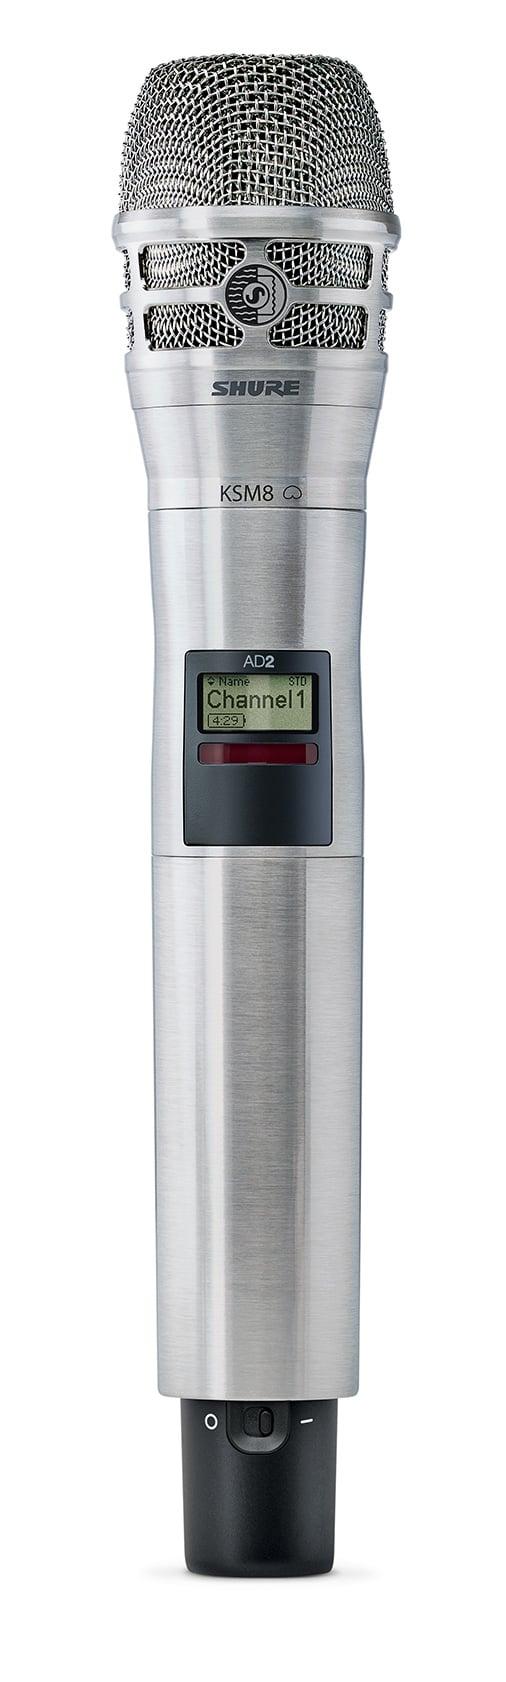 Axient Digital Handheld Transmitter KSM8 Capsule in Nicke